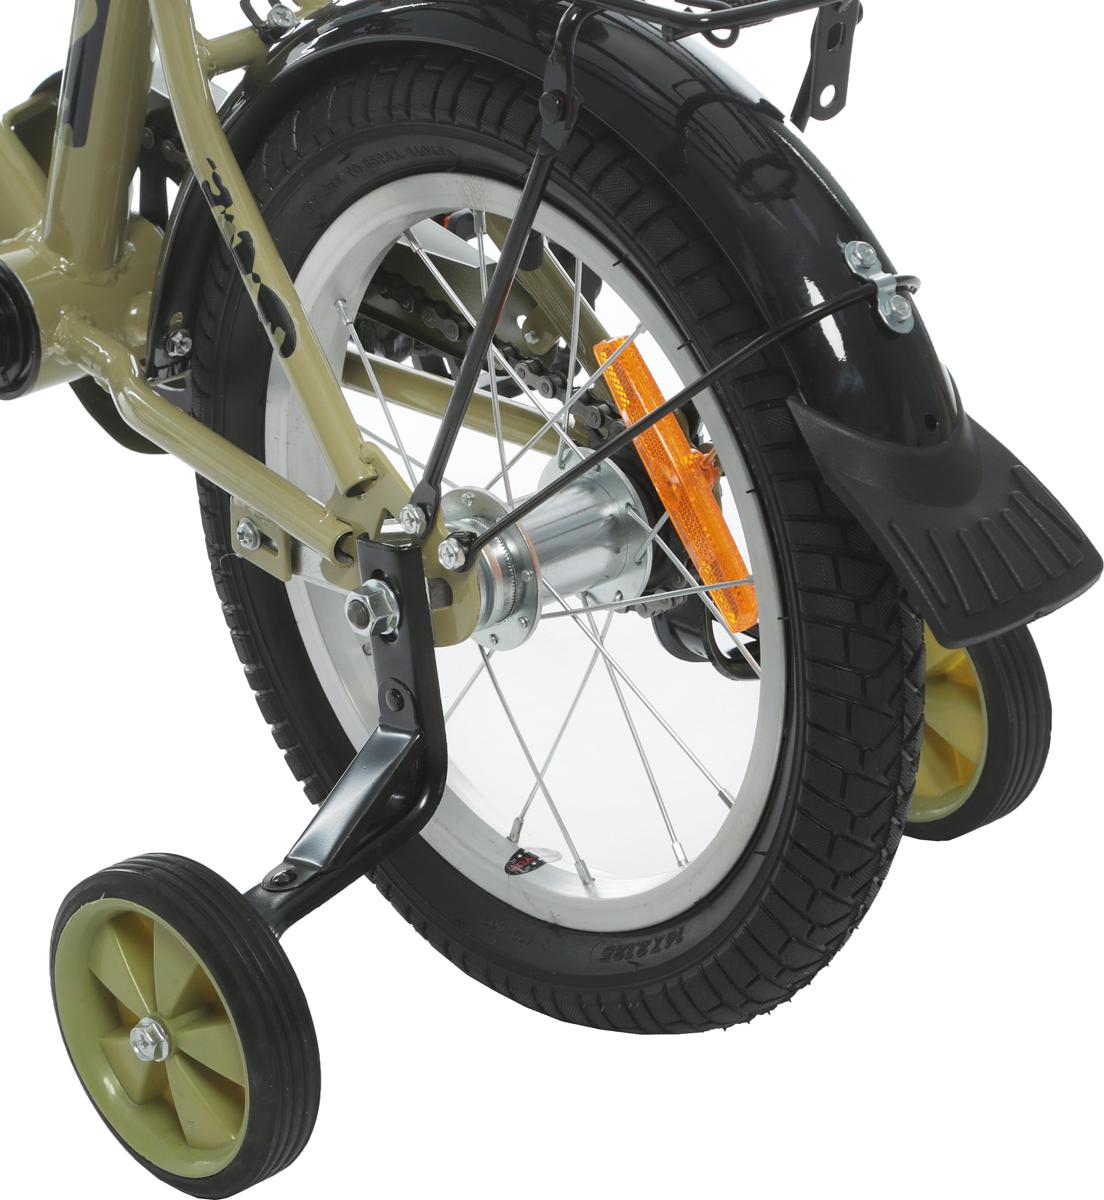 Звонок, багажник СР, ЕВРОшатуны,улучшенная задняя втулка, катафот в переднем колесе, катафот спереди, катафот сзади, задний ножной тормоз, дополнительные колесики на упрочненном кронштейне, ограничитель поворота руля, мягкие накладки на руле.